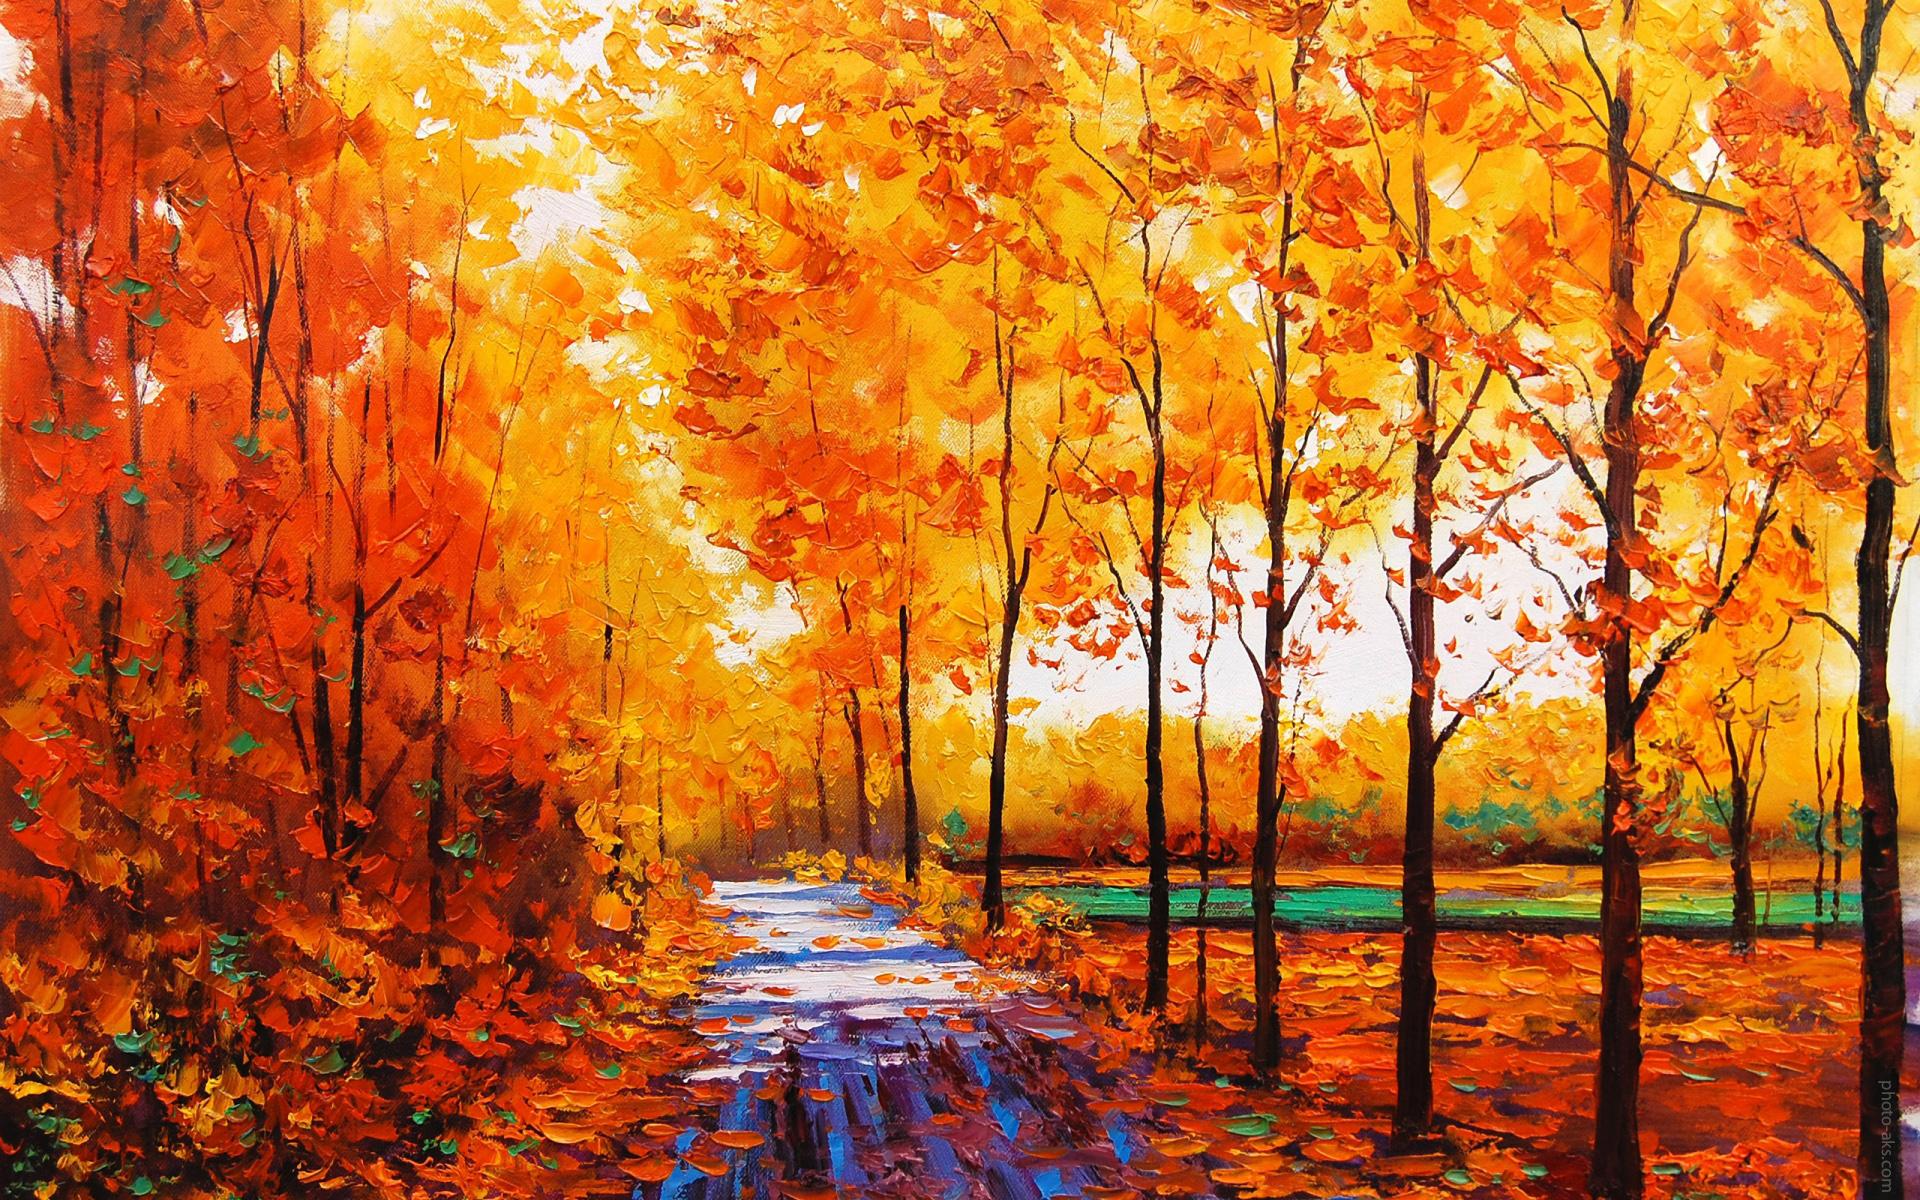 نقاشی رنگ روغن طبیعت پاییز